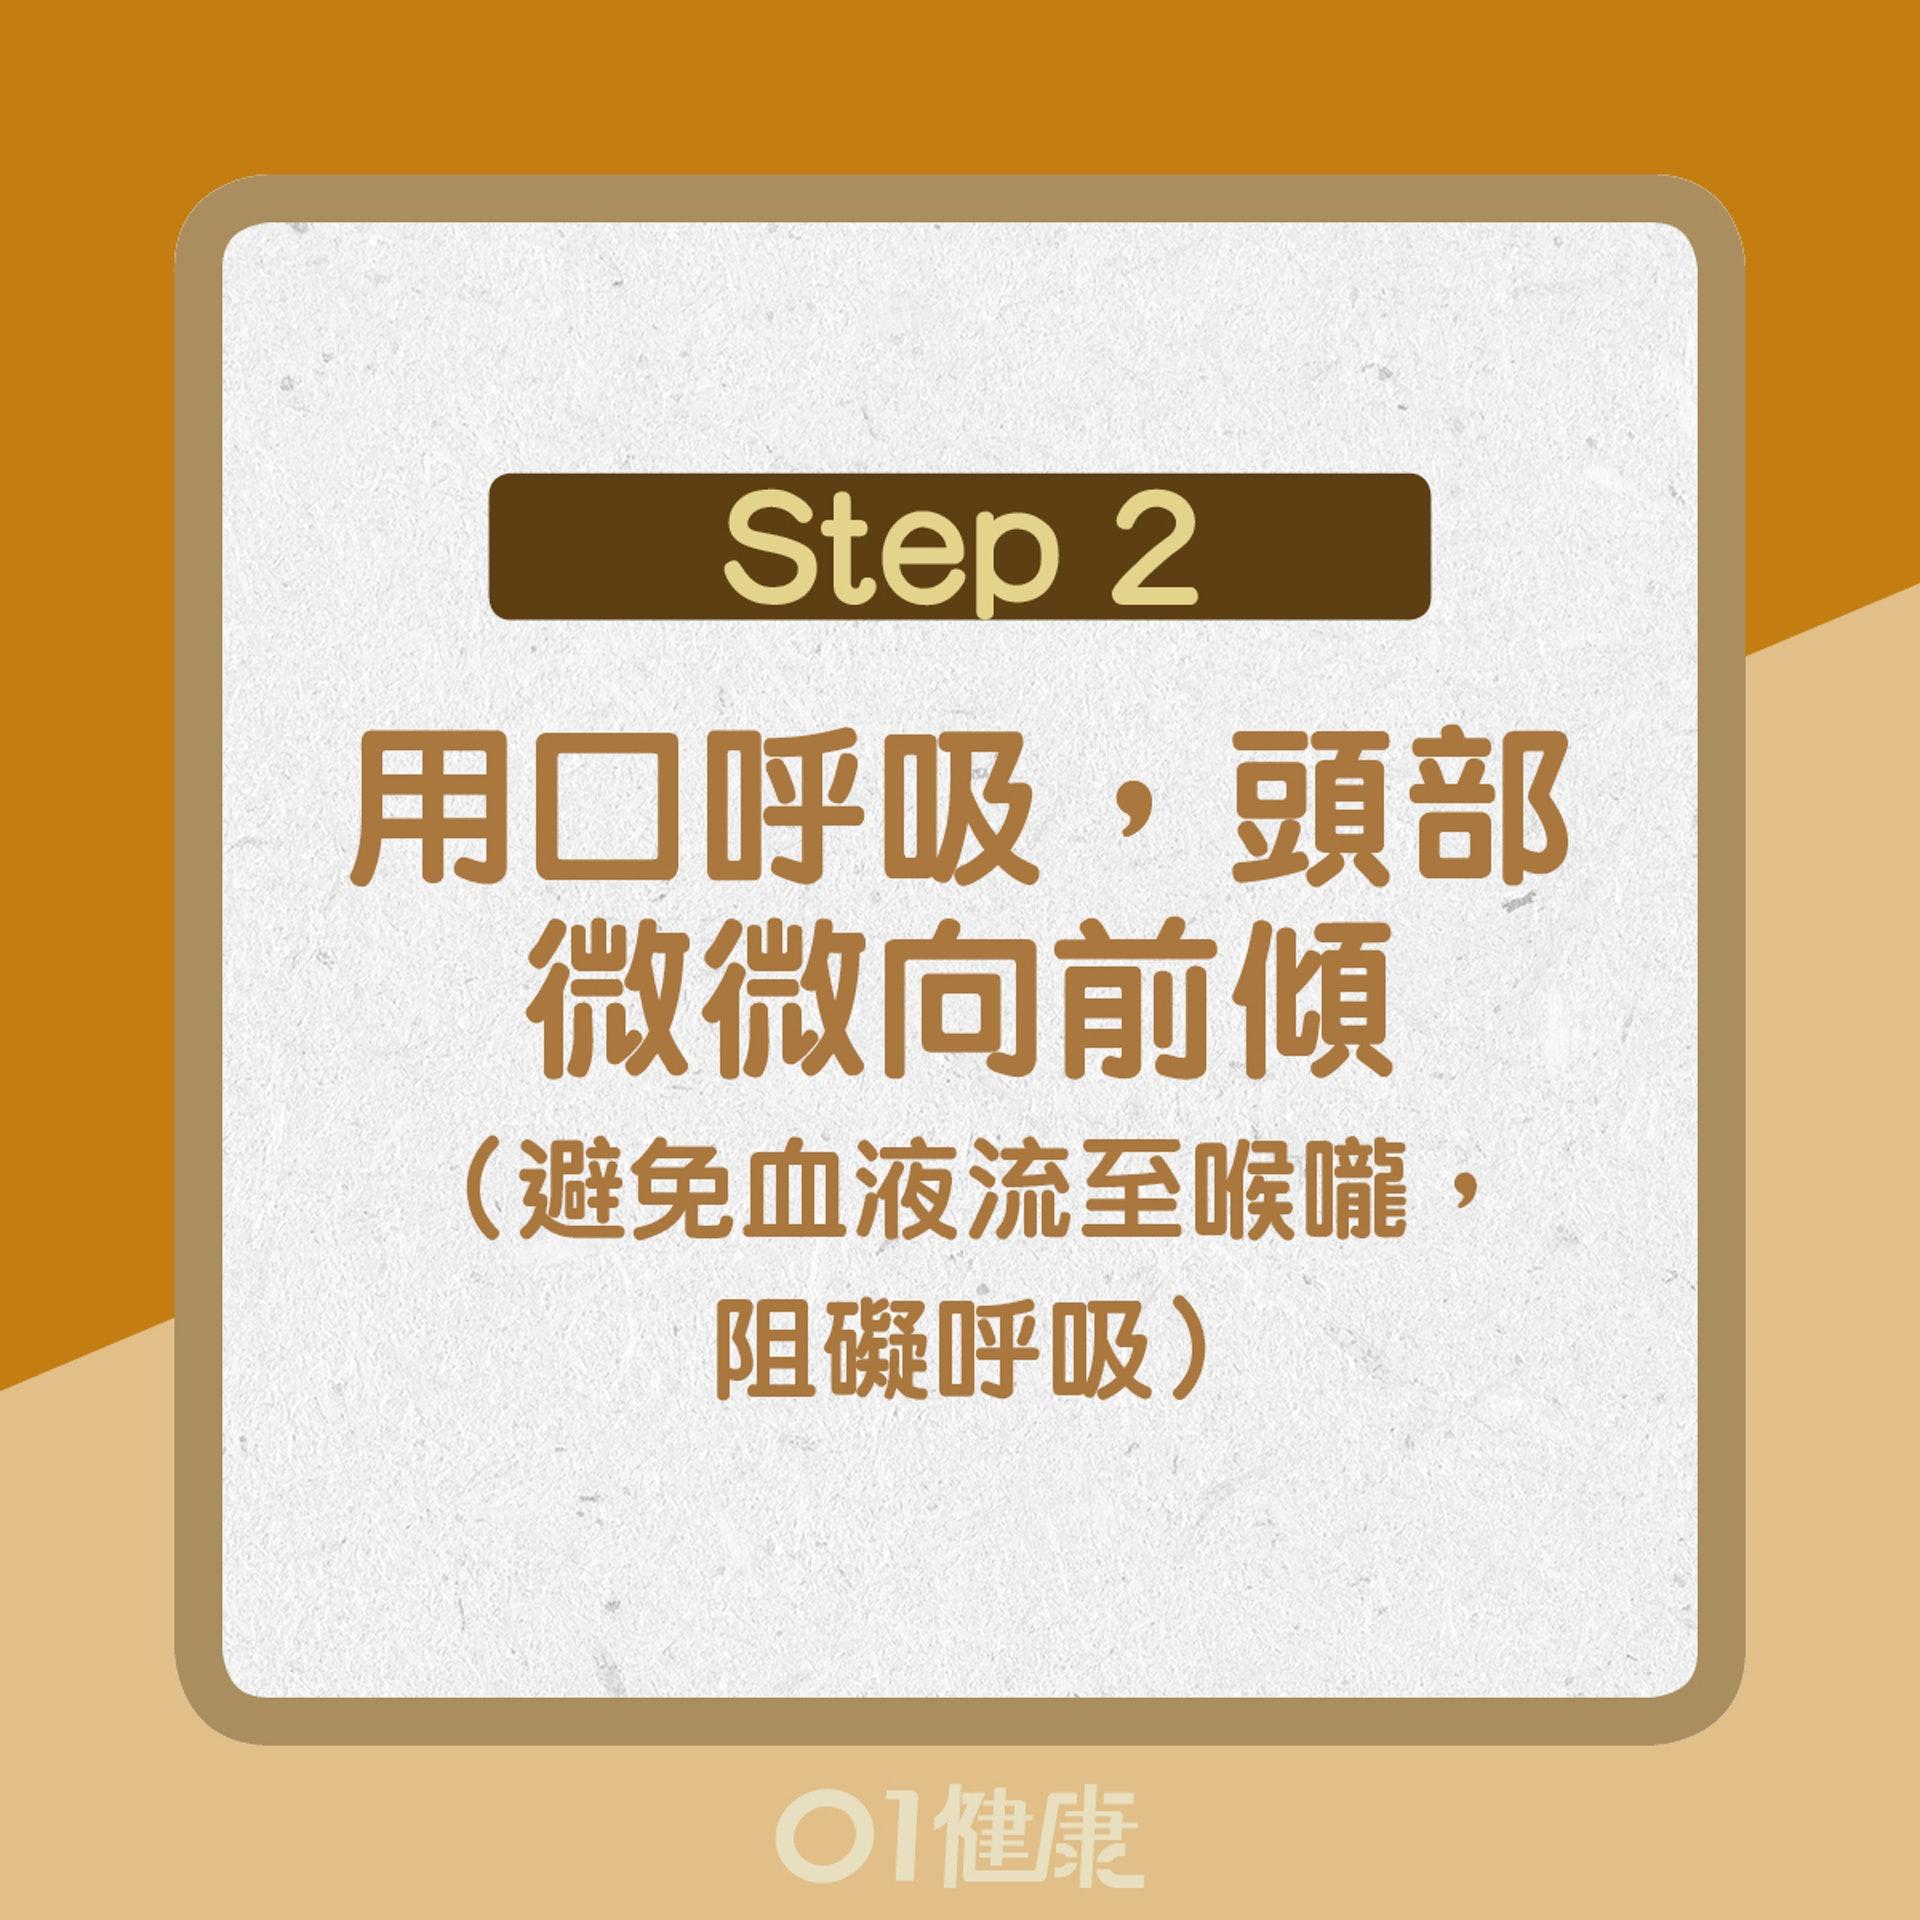 【流鼻血處理方法】2. 用口呼吸,頭部微微向前傾(01製圖)